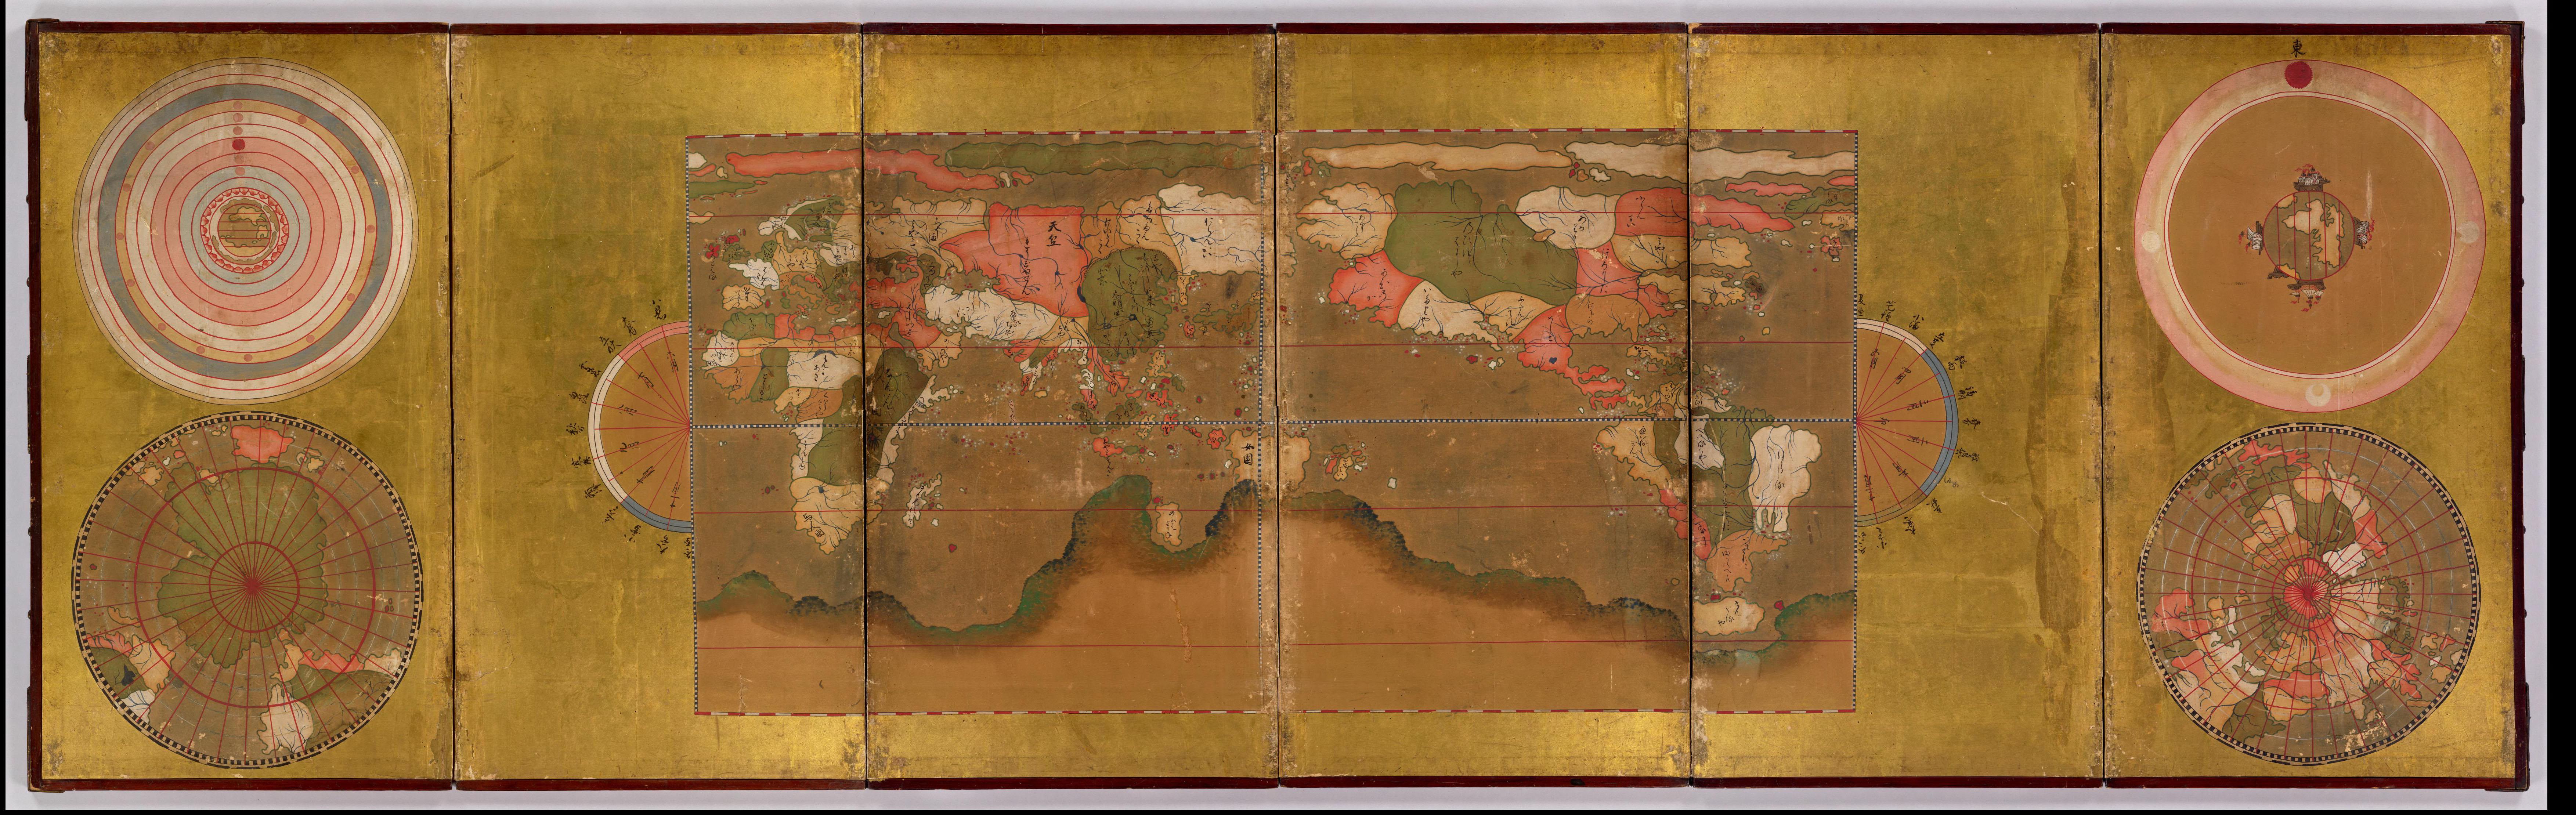 Paravent japonais, 1640